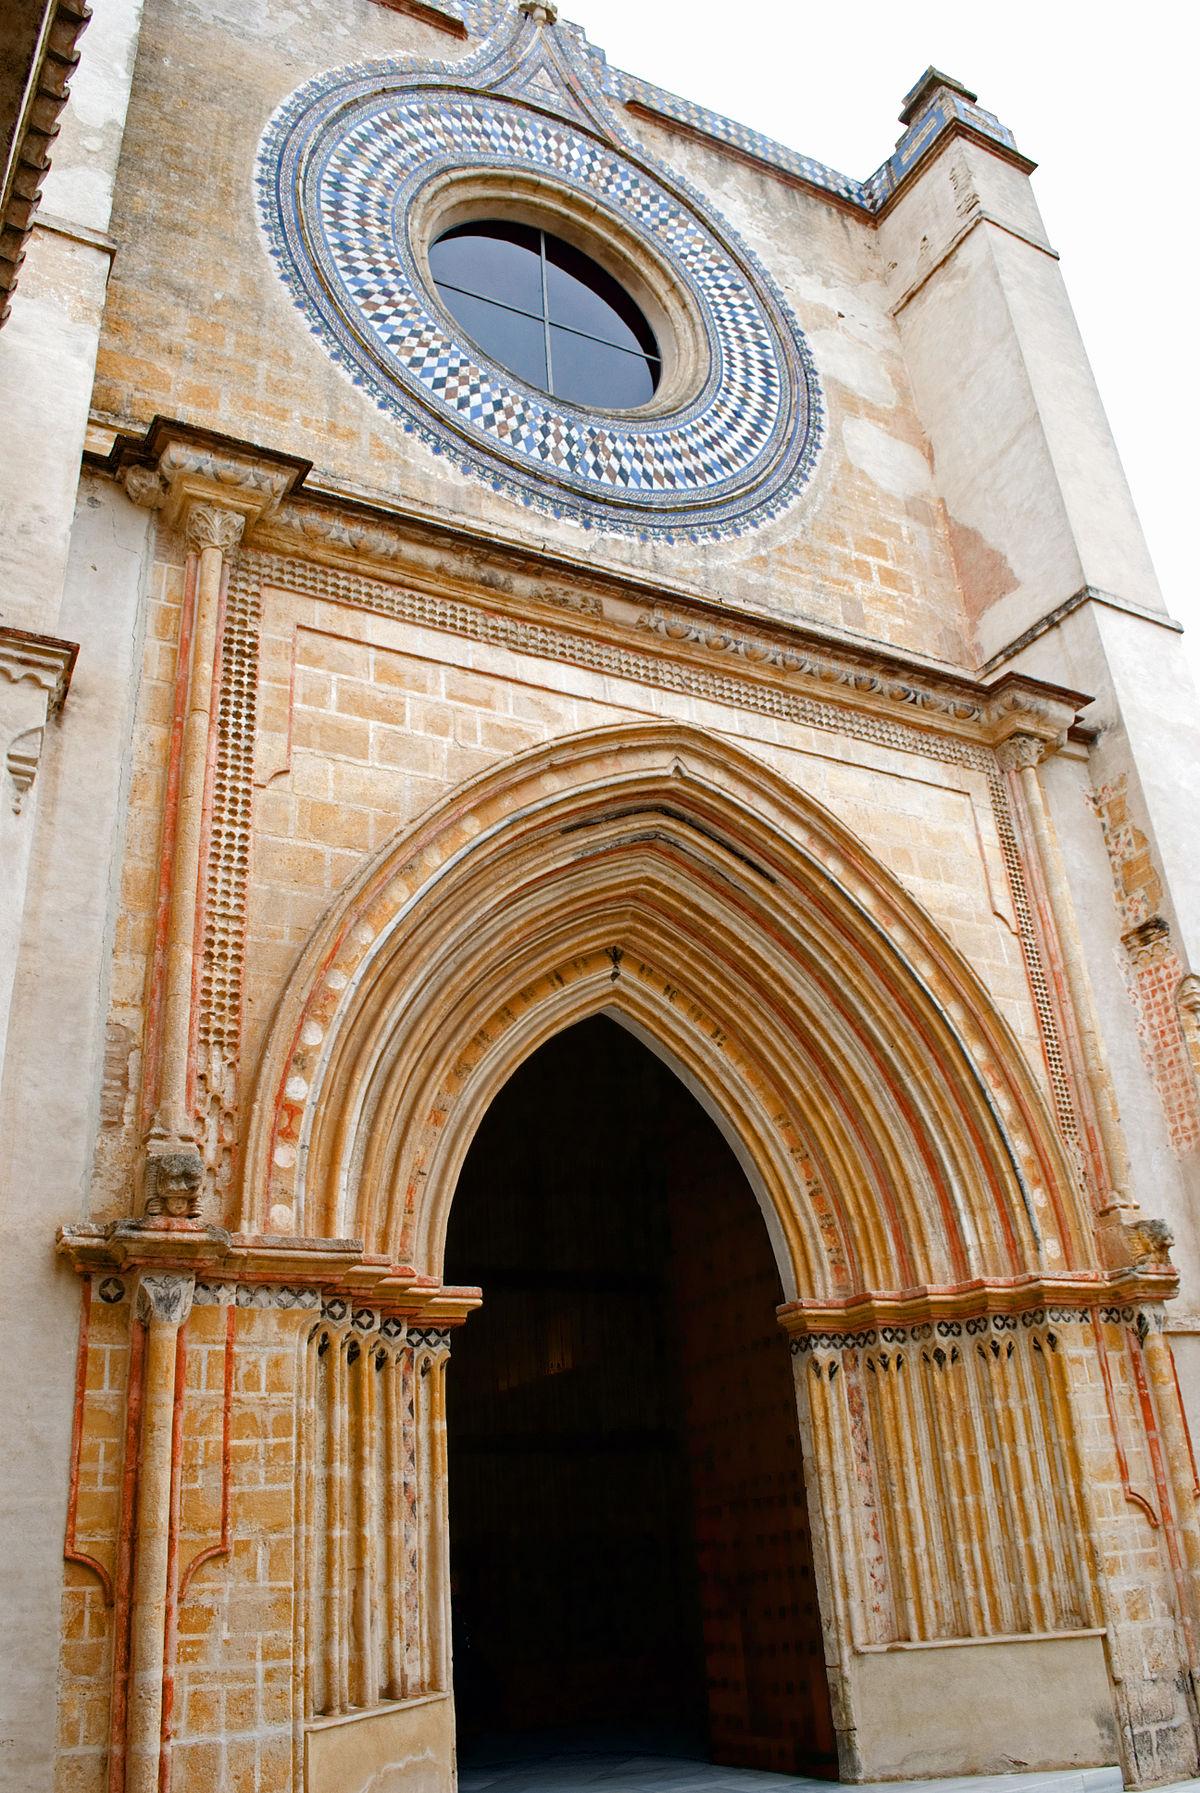 Monasterio de la cartuja sevilla wikipedia la for Los jardines de la cartuja